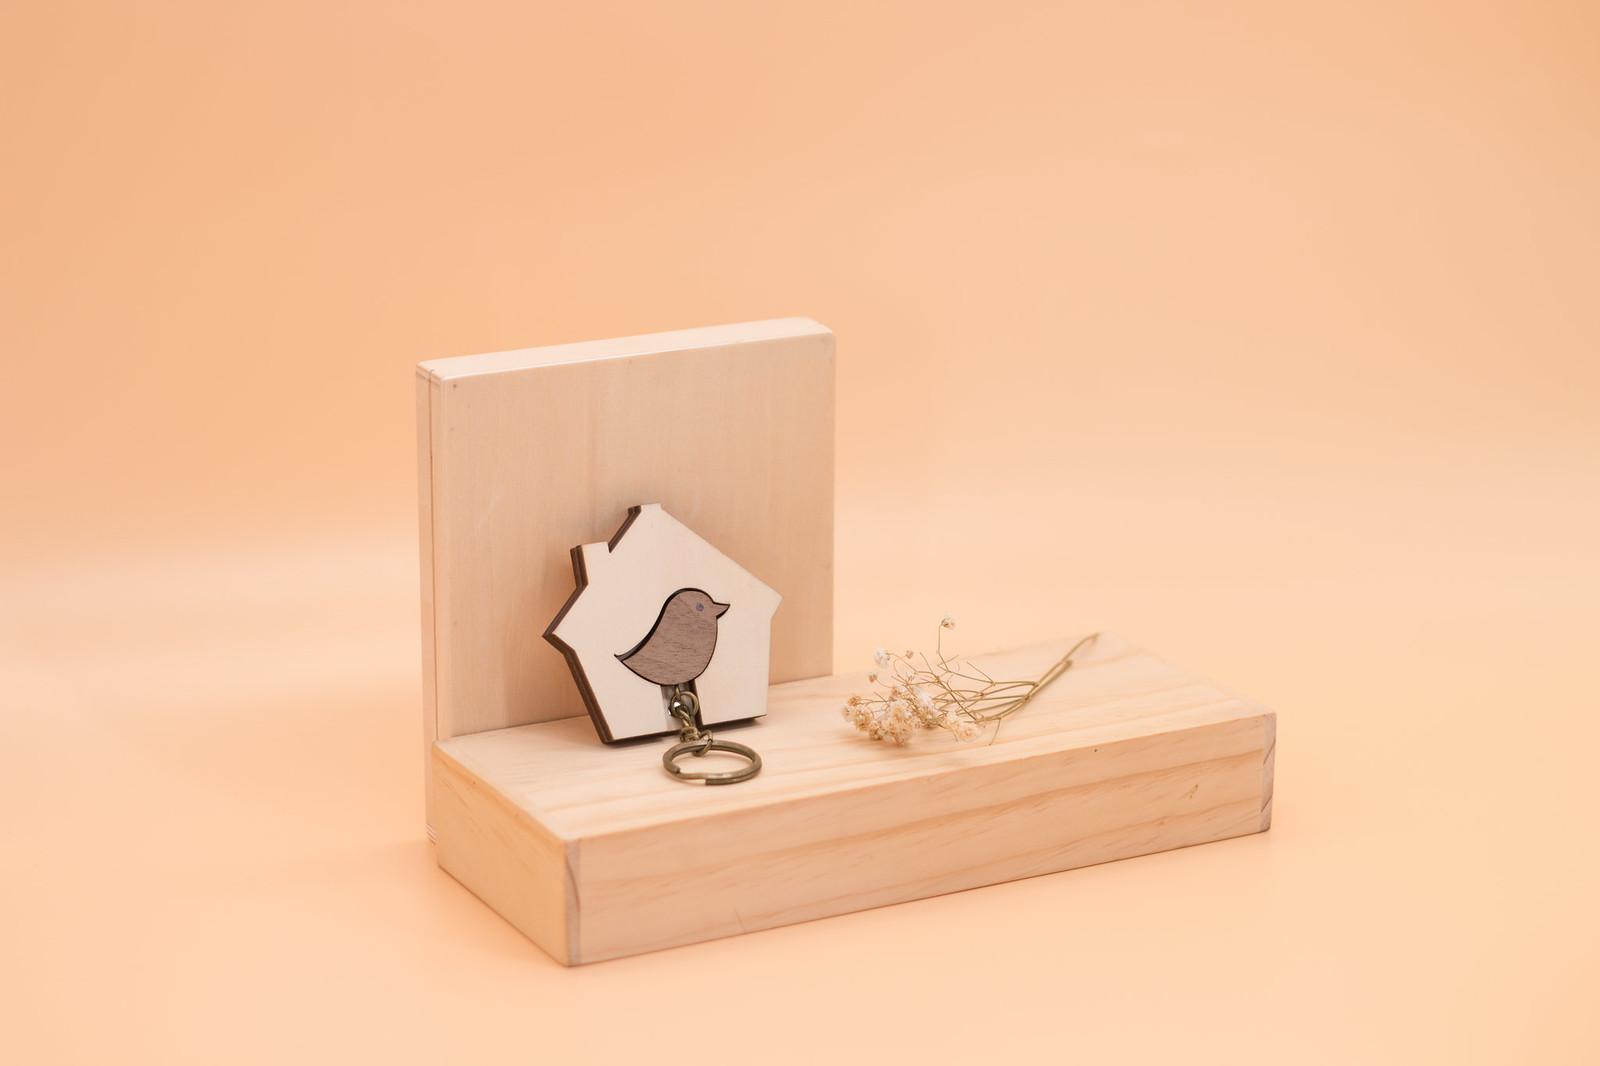 鑰匙圈 客製化 禮物 特色產品 居家 台灣設計 生日 情人節 情侶 鳥 動物 婚禮 結婚 房子 壁掛 簡約 多肉 玄關 療癒 聖誕節 收納 裝飾 吊飾 送禮 中性 木 楓木 胡桃木 鑰匙